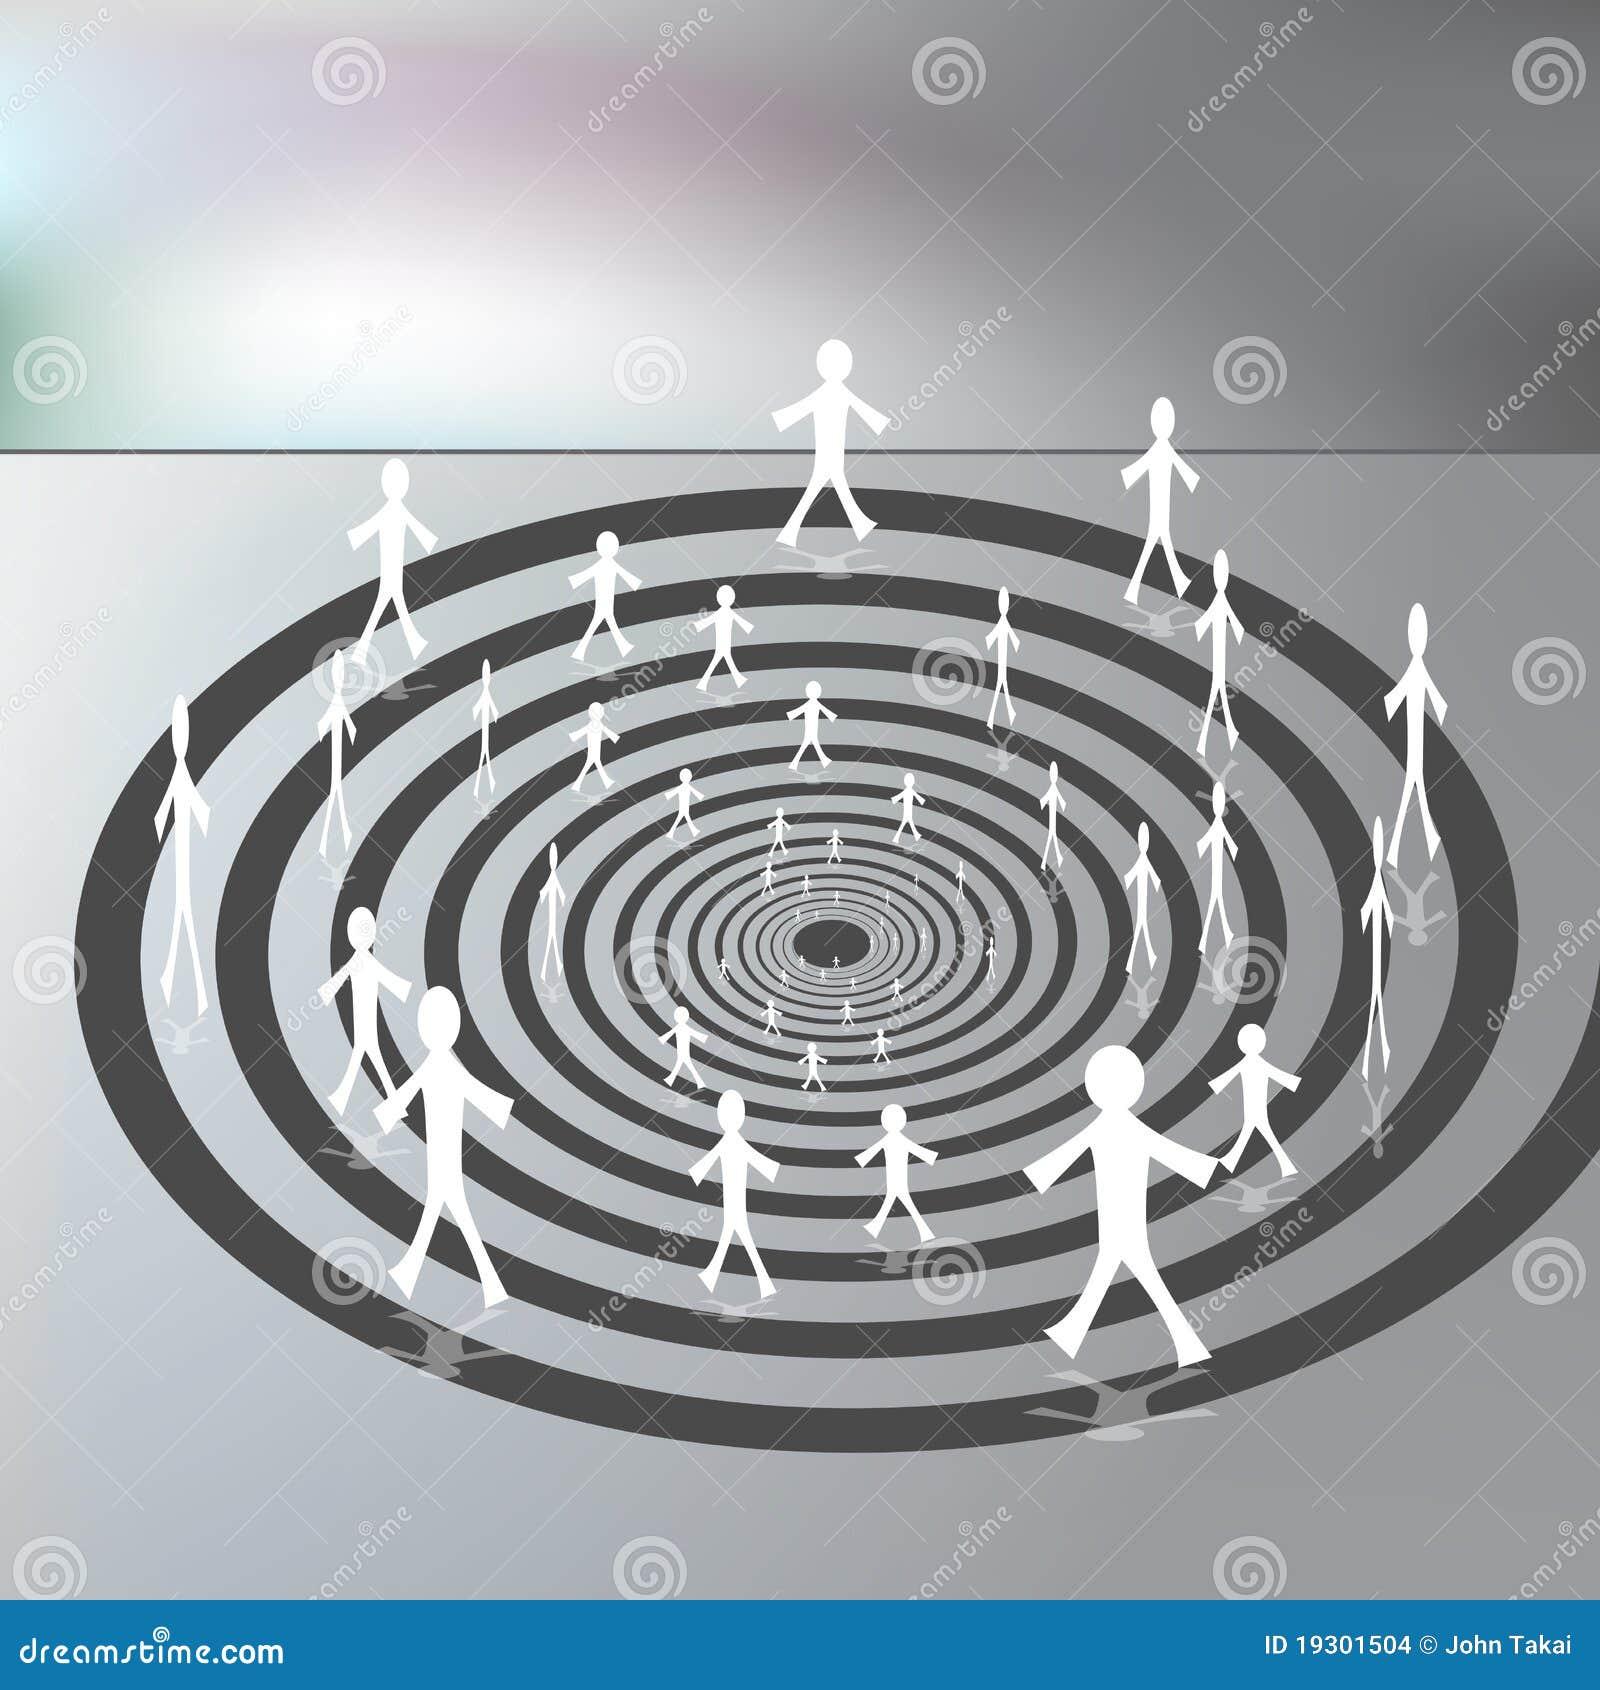 Les gens marchant sur un chemin spiralé de haut en bas